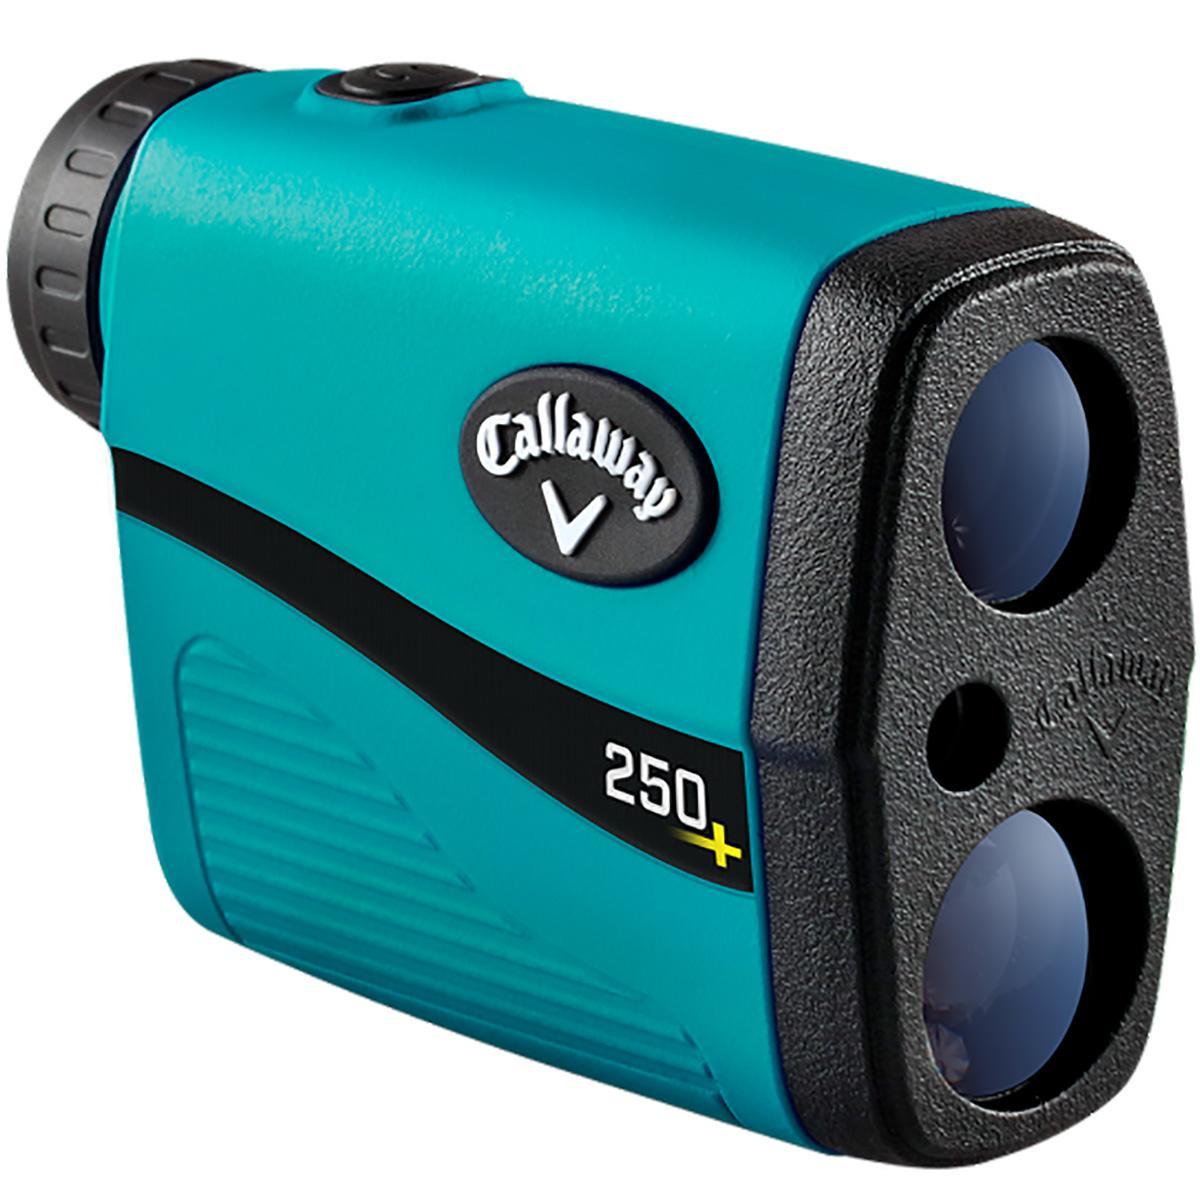 【11/30(土)0時~23時59分まで!最大2400円OFFクーポン配布♪】キャロウェイゴルフ Callaway Golf 250+ LASER RANGEFINDER[GSP ナビ 距離測定器 レーザー 高低差 計測器 ファインダー ]